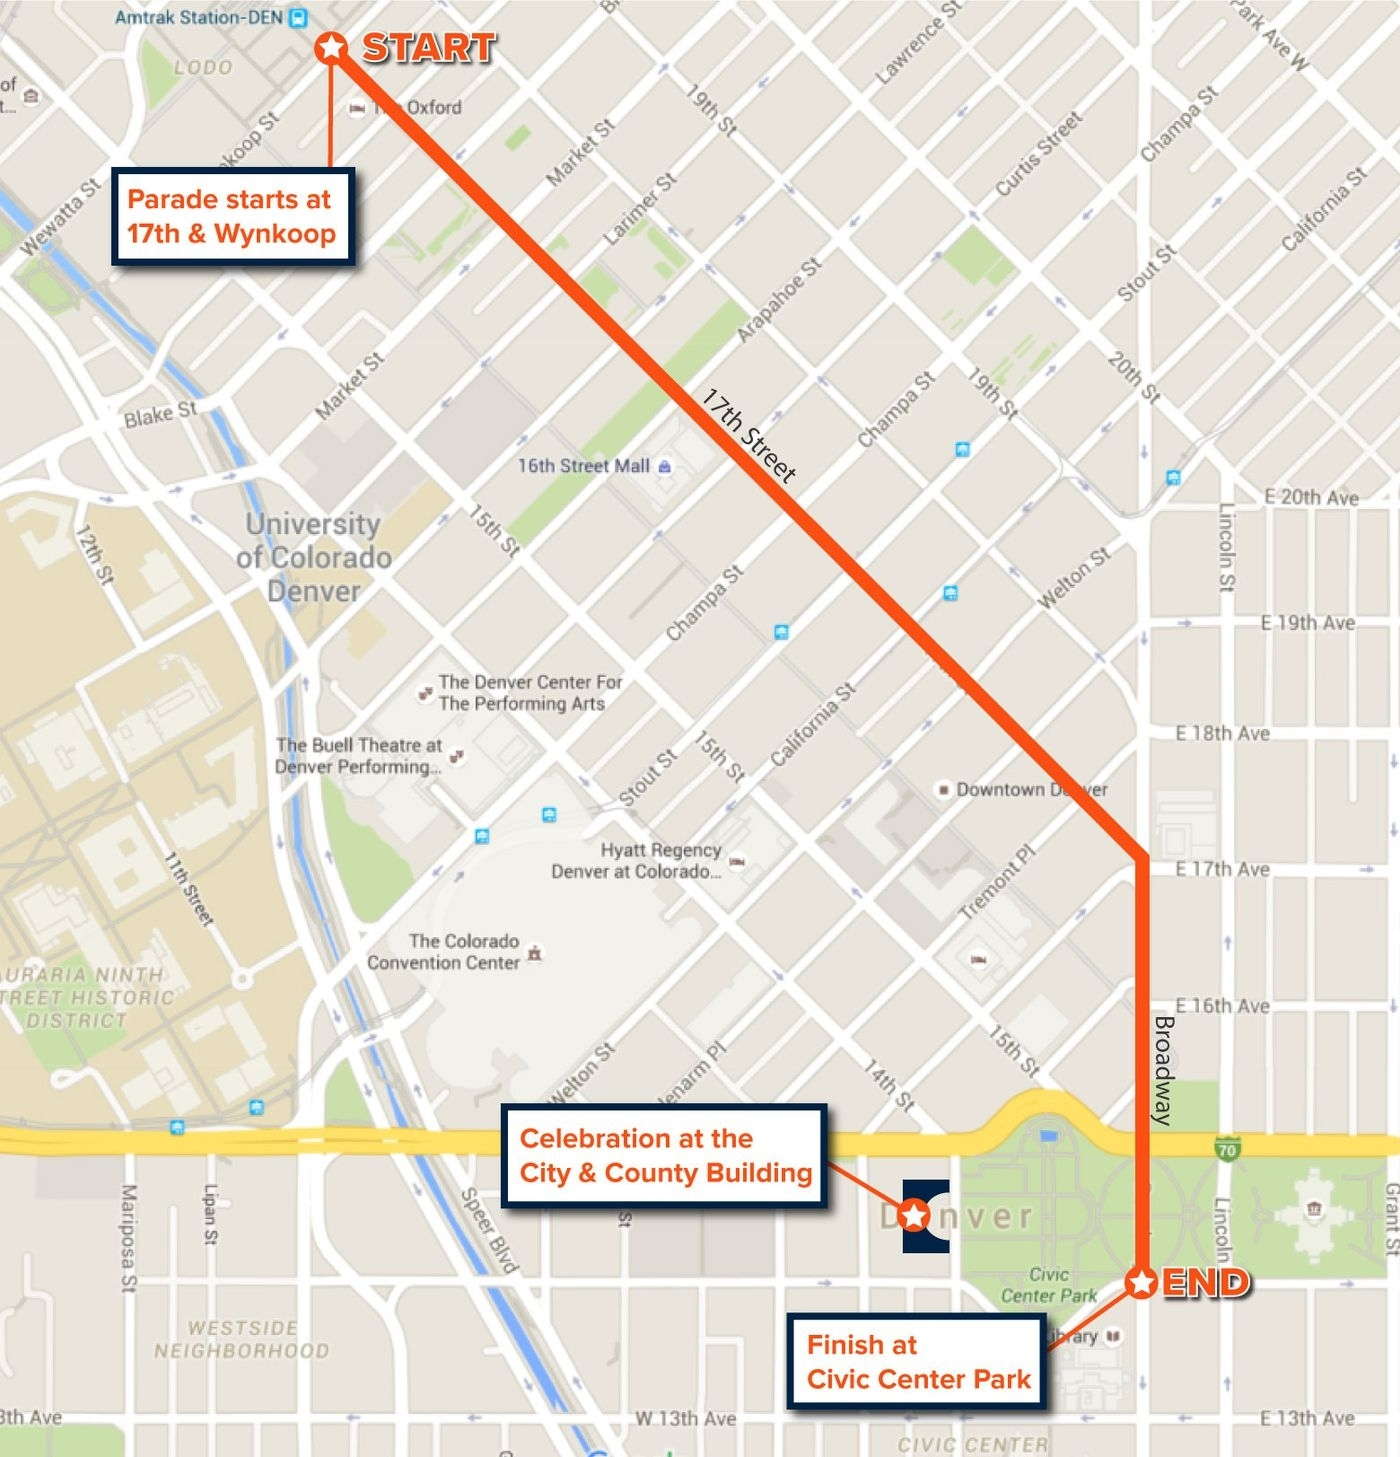 Super Bowl Parade 2016 Map And Route For Denver Broncos throughout Patriots Super Bowl Parade Map